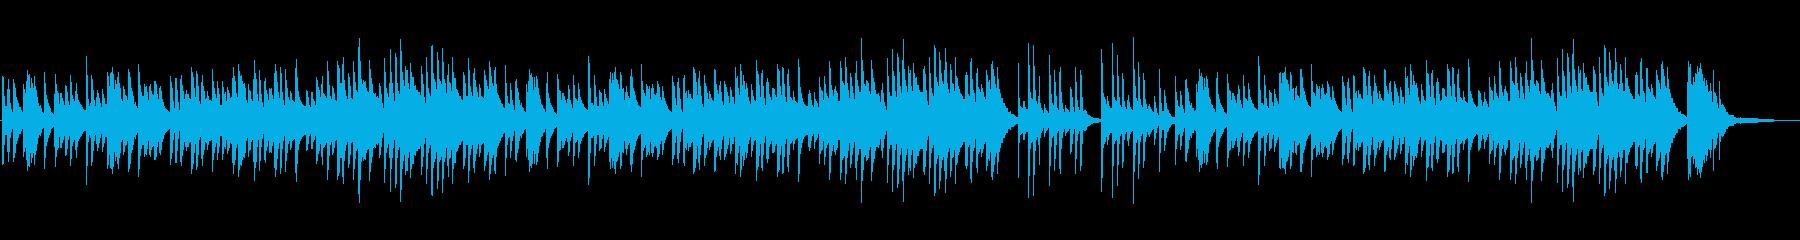 ノスタルジックで和風なピアノBGMの再生済みの波形